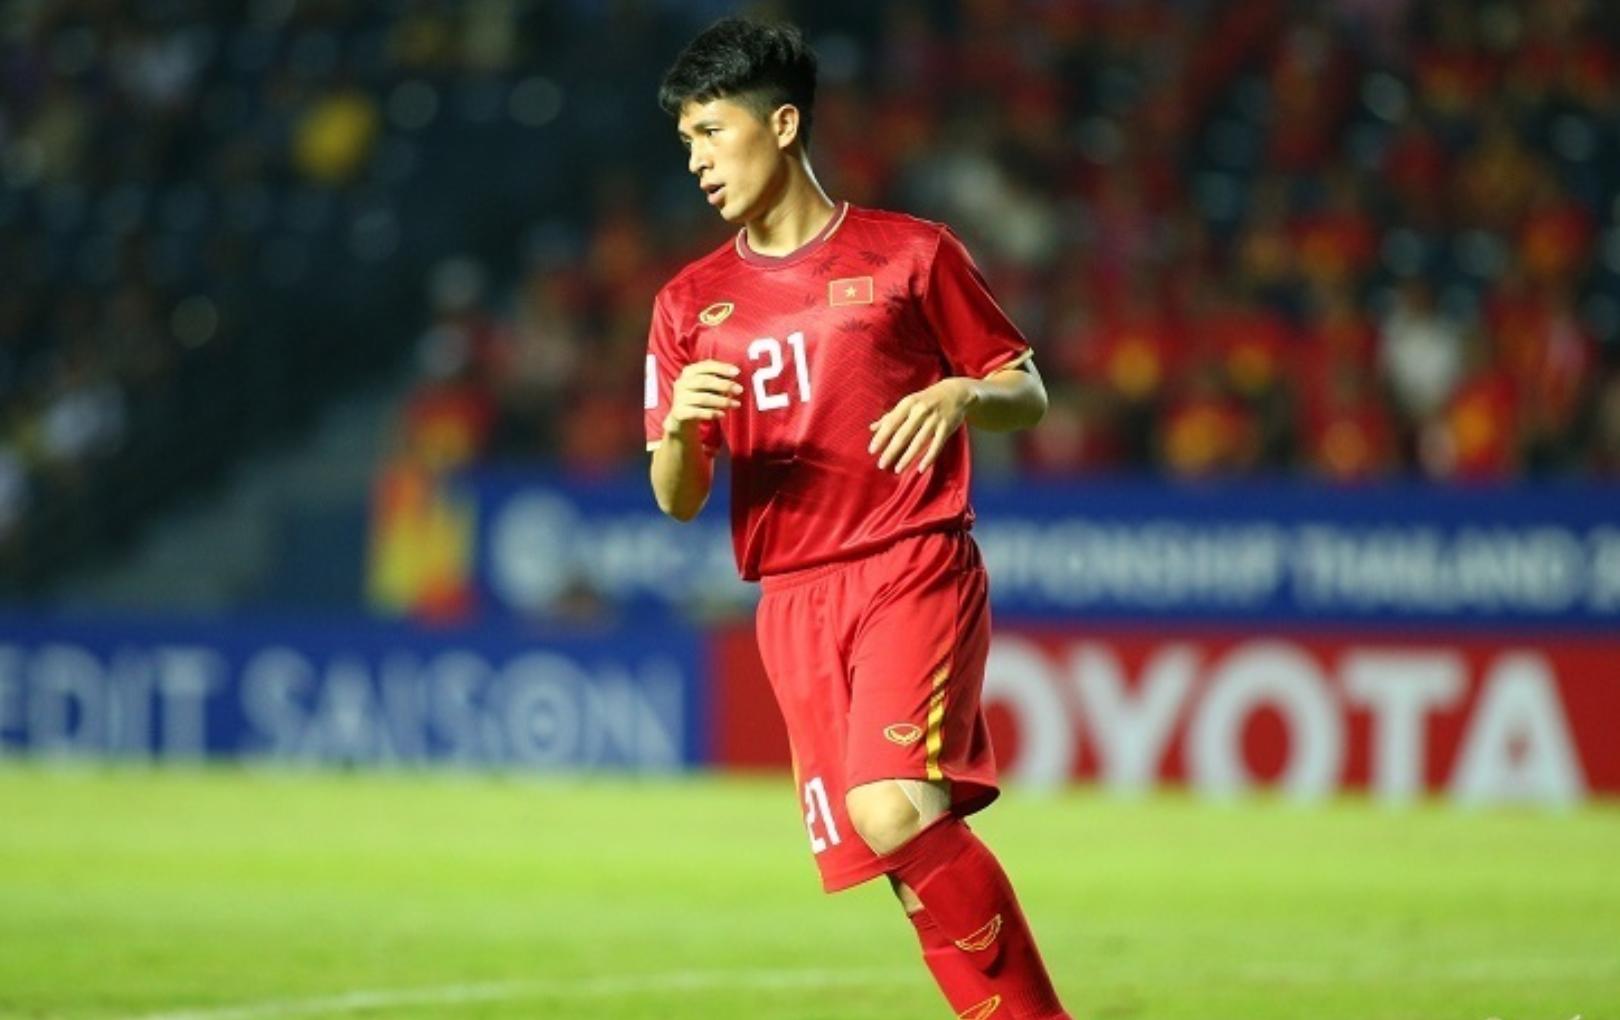 [VCK U23 châu Á] U23 Việt Nam 0-0 U23 Jordan (HT): Đình Trọng lại được tung vào sân